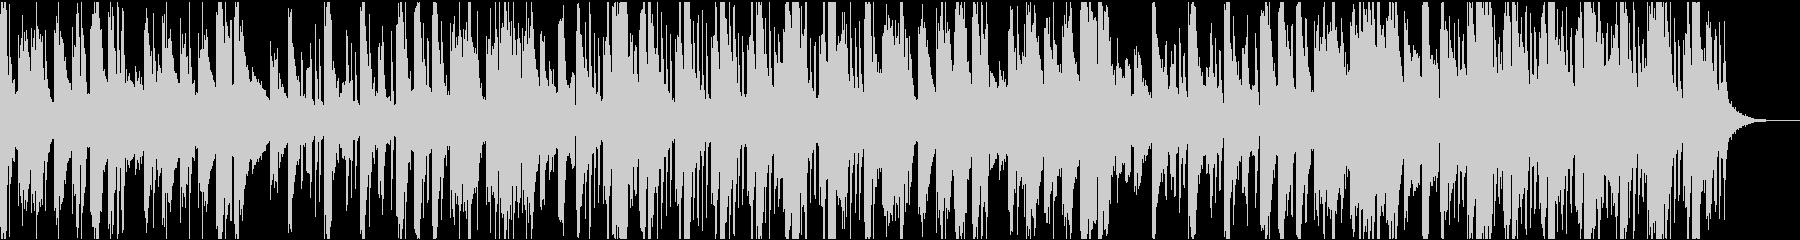 能動的な甲殻類的音楽の未再生の波形